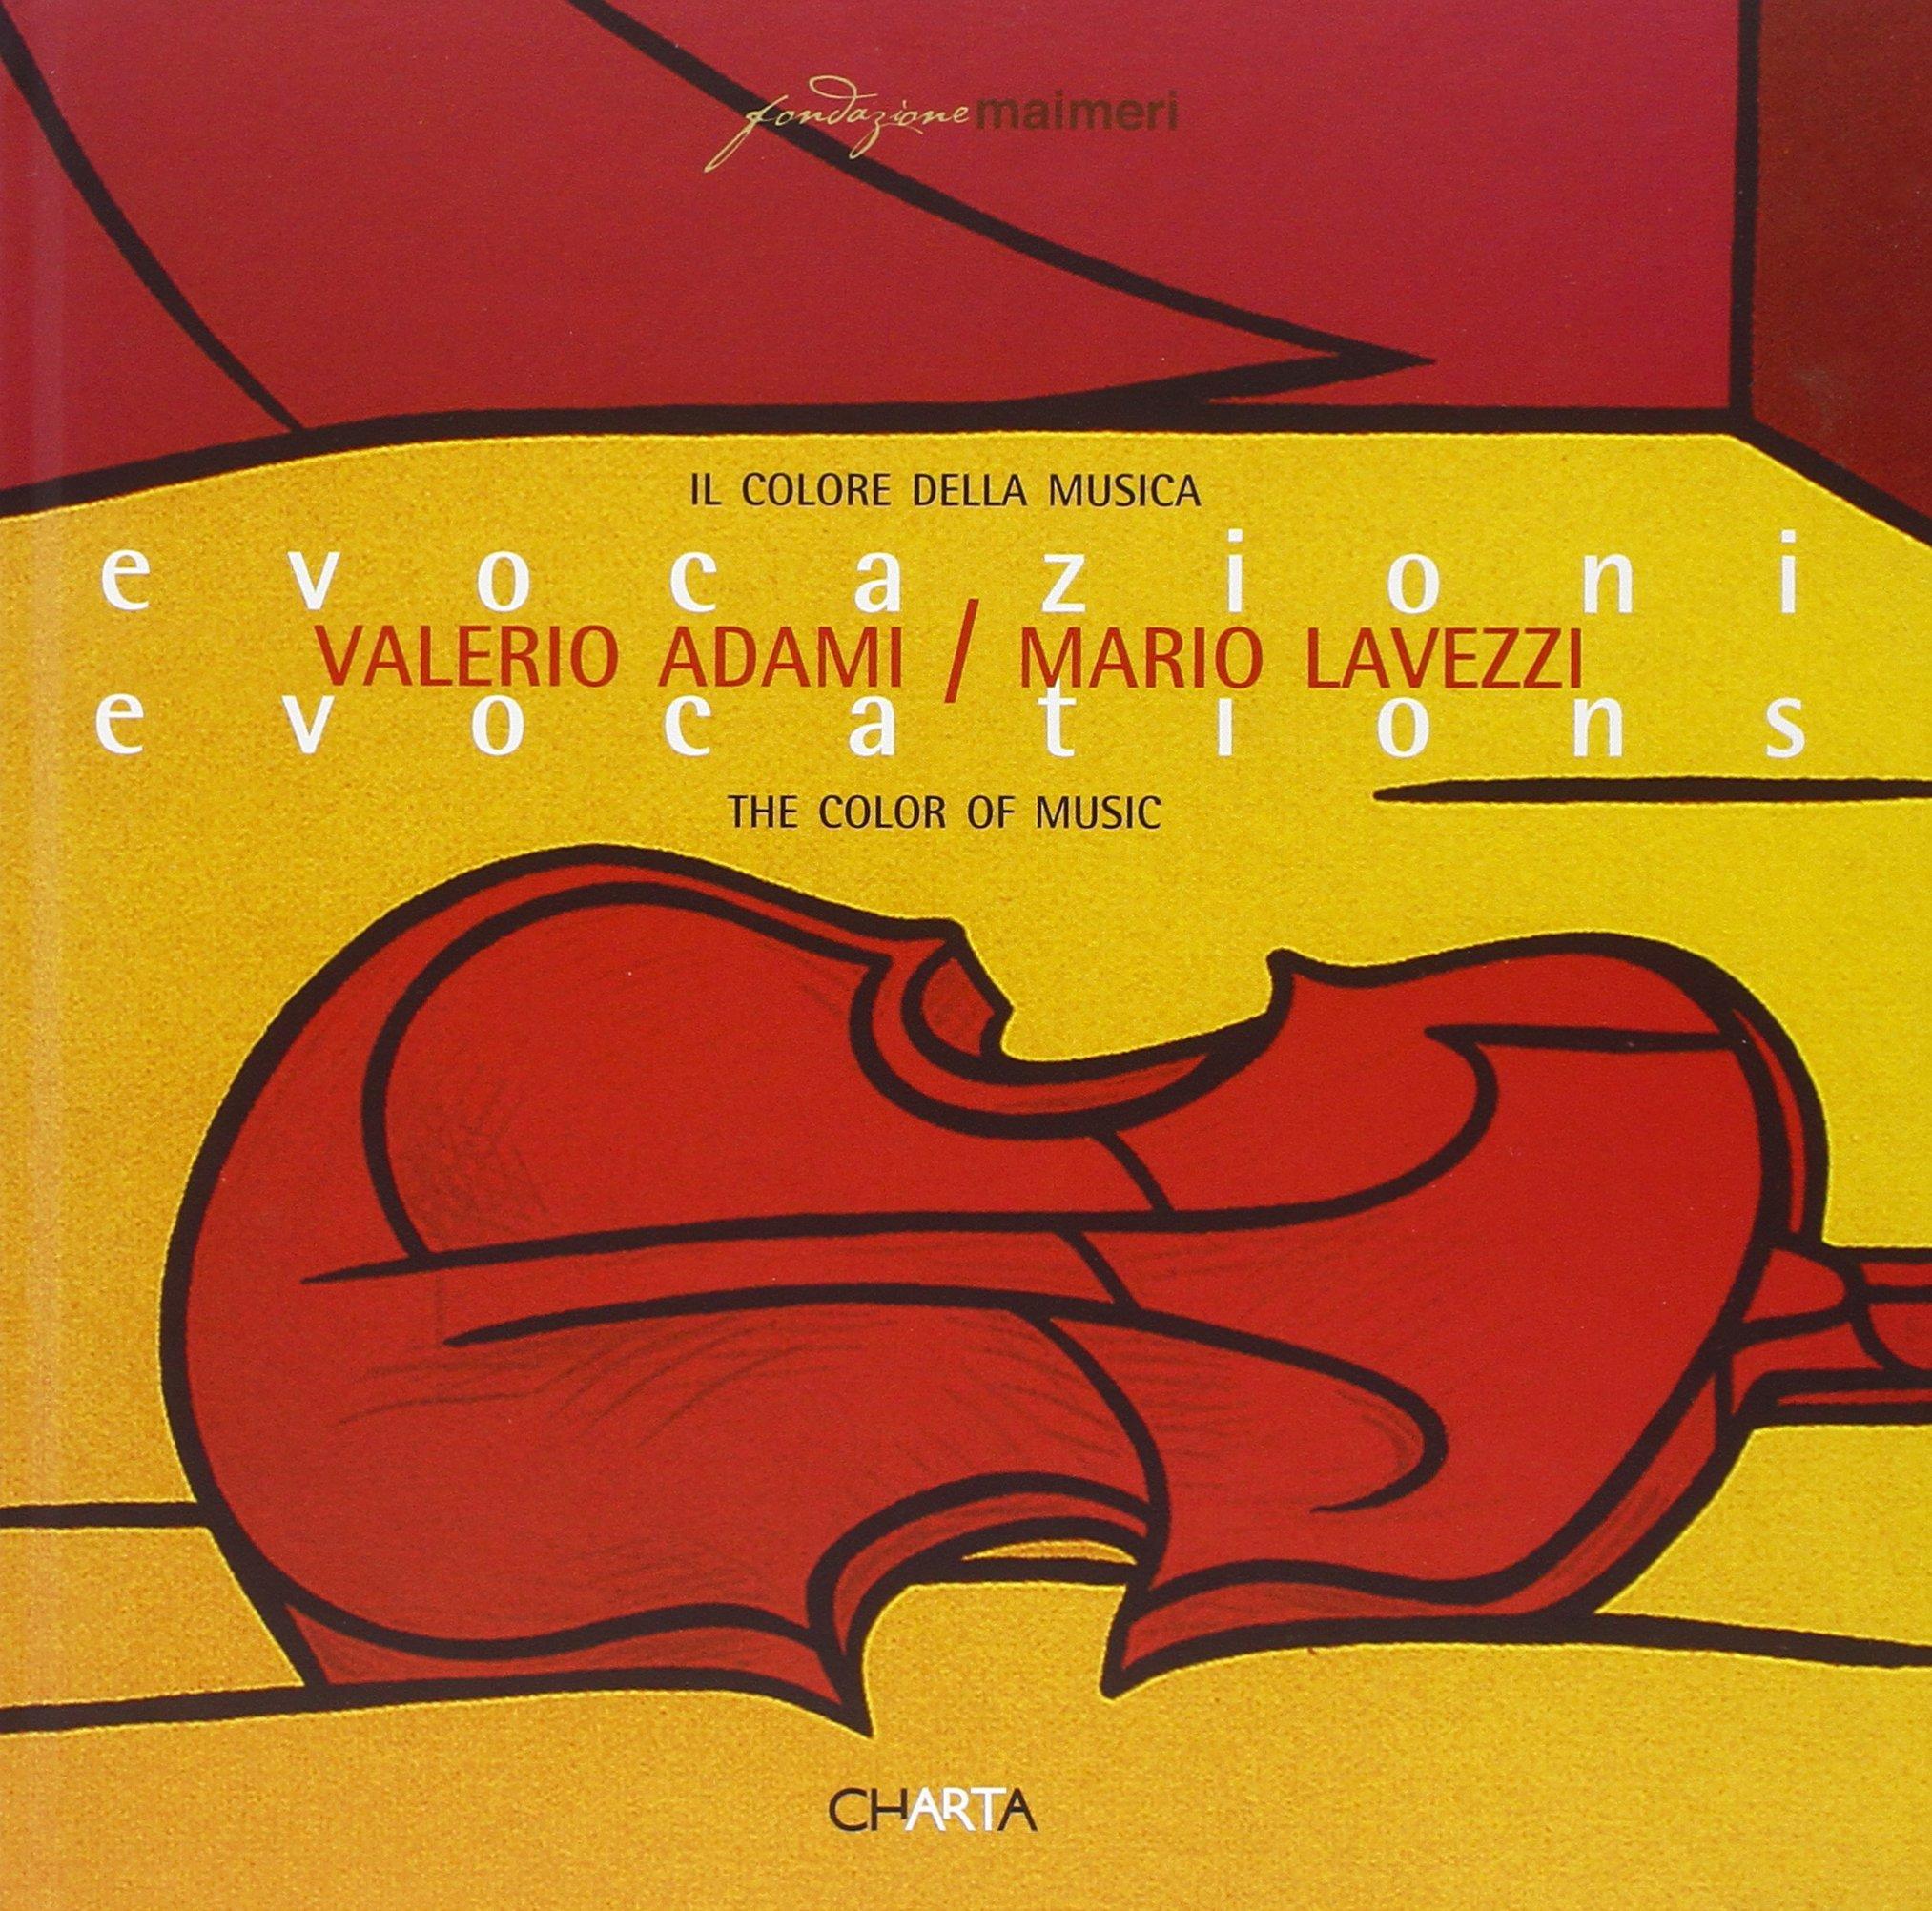 Il colore della musica. Evocazioni-The color of music. Evocations. Catalogo della mostra (Milano, 16 marzo-30 aprile 2005) (Inglese) Copertina rigida – 31 mag 2005 A. Fiz Charta 8881585227 Art / Collections